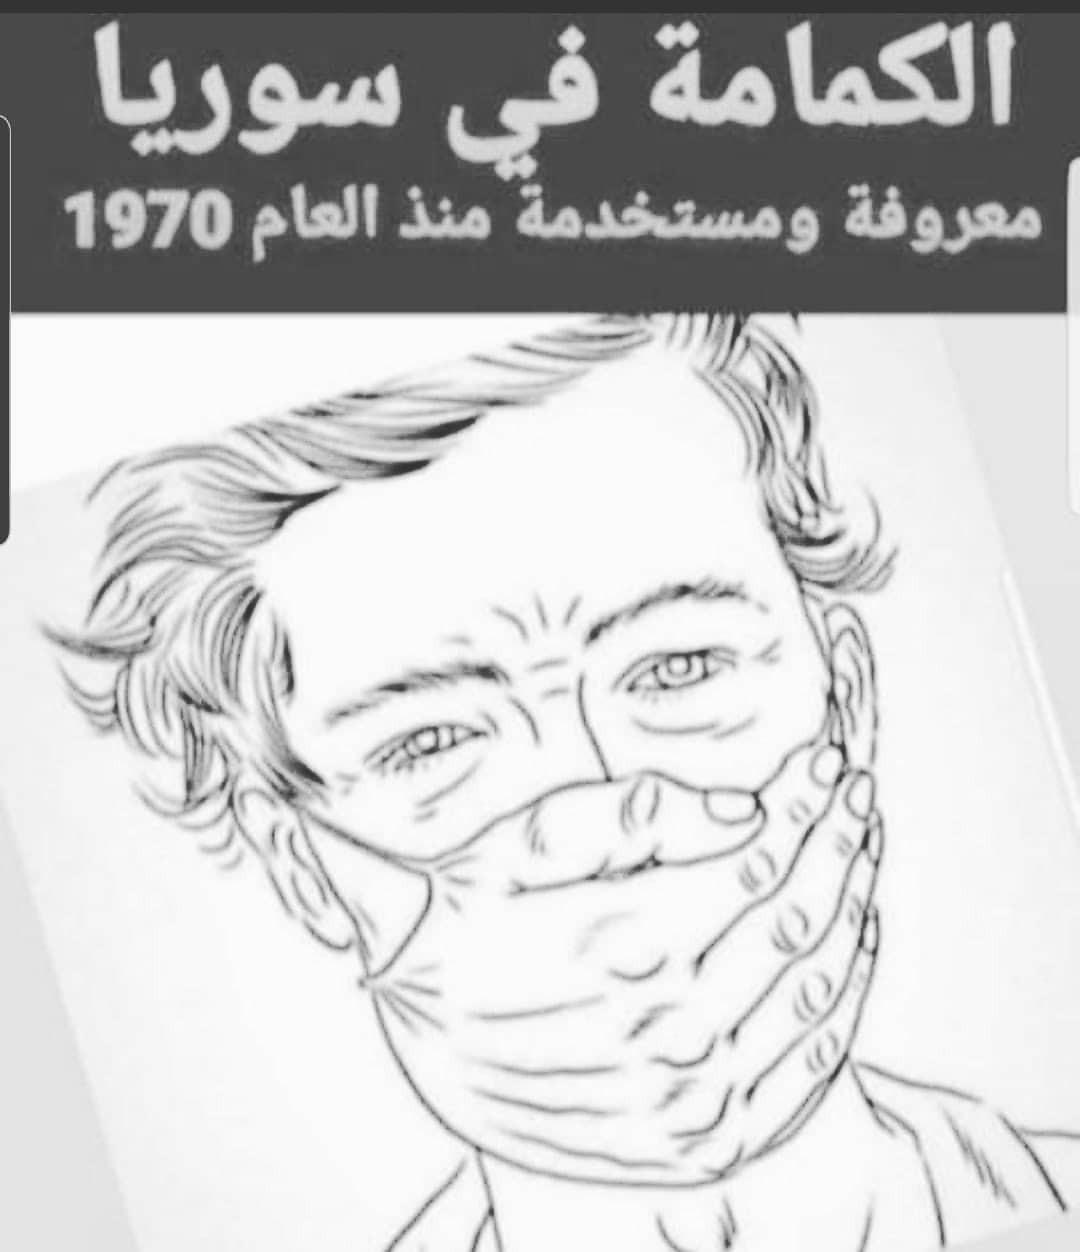 كمامة في سوريا.jpg